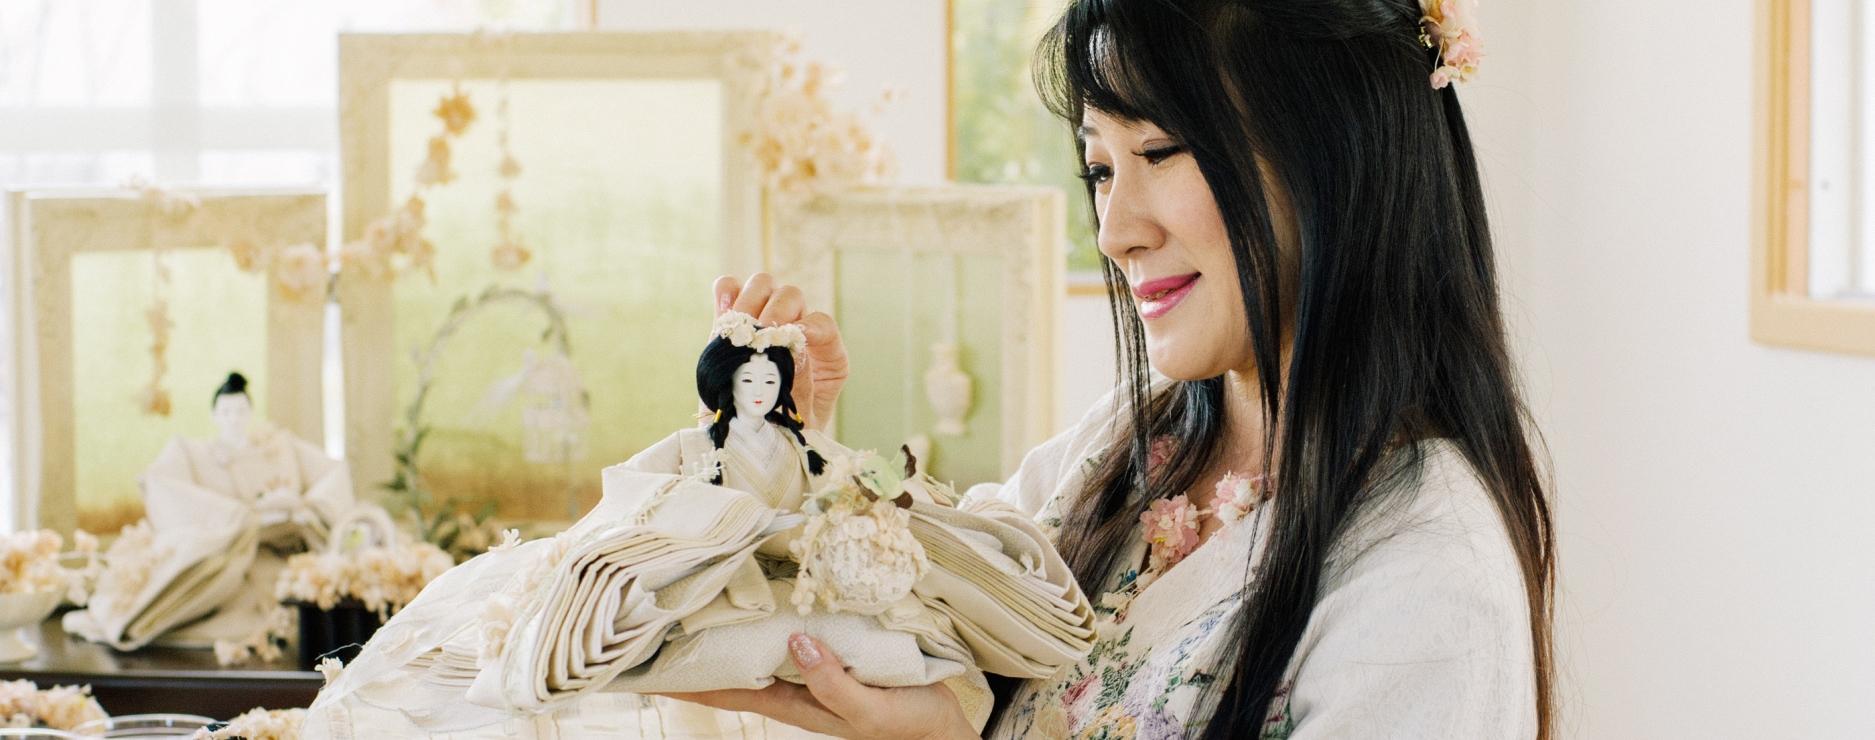 市内にアトリエを持ち、今、全国的に注目される人形作家。